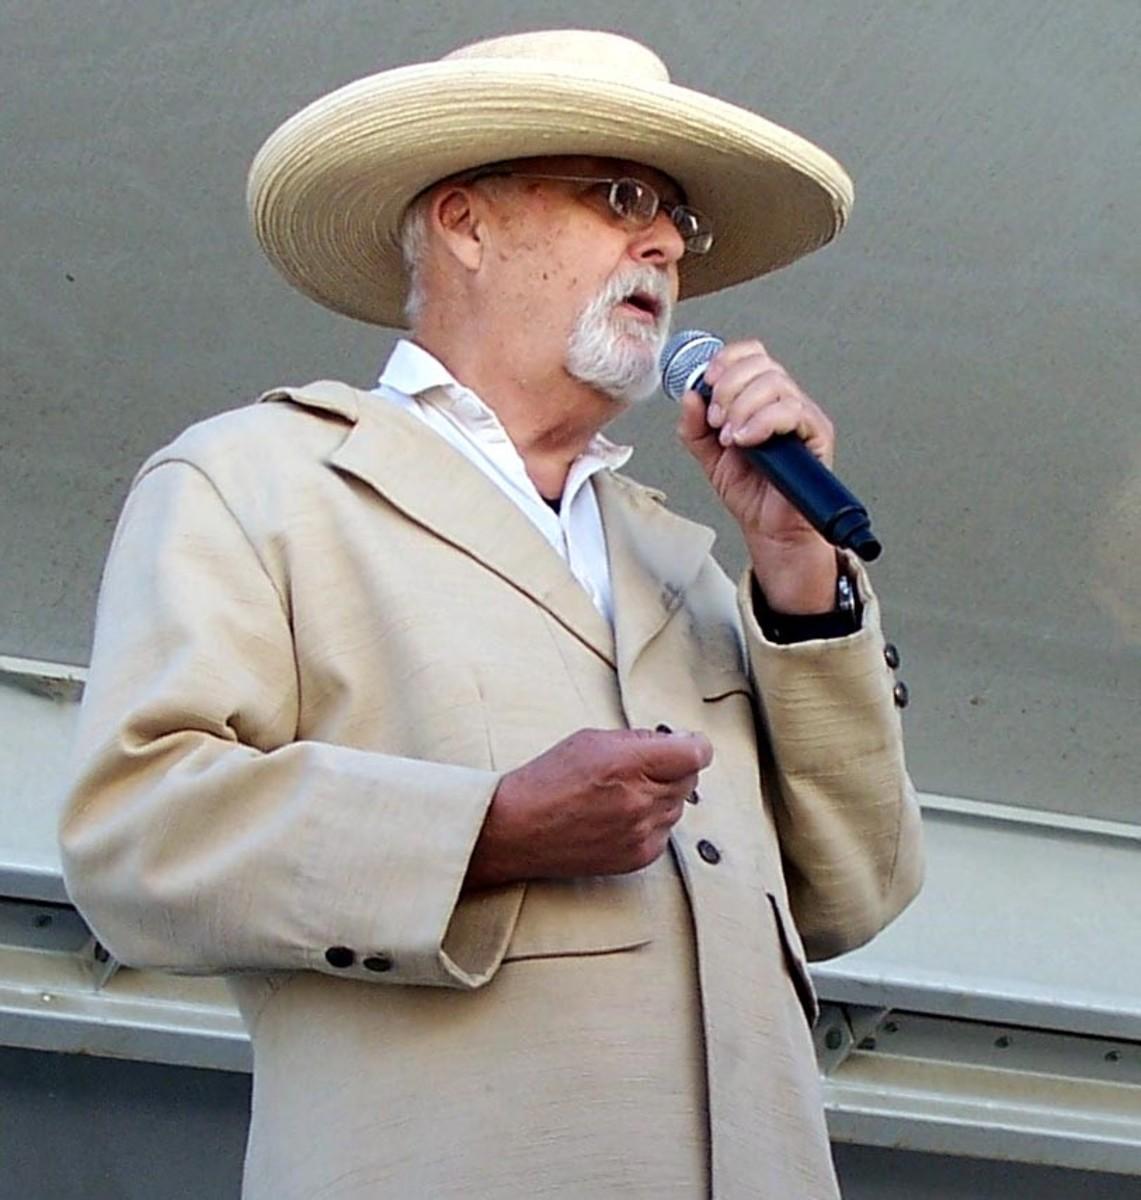 Tim Karlberg, speaking as John Marsh